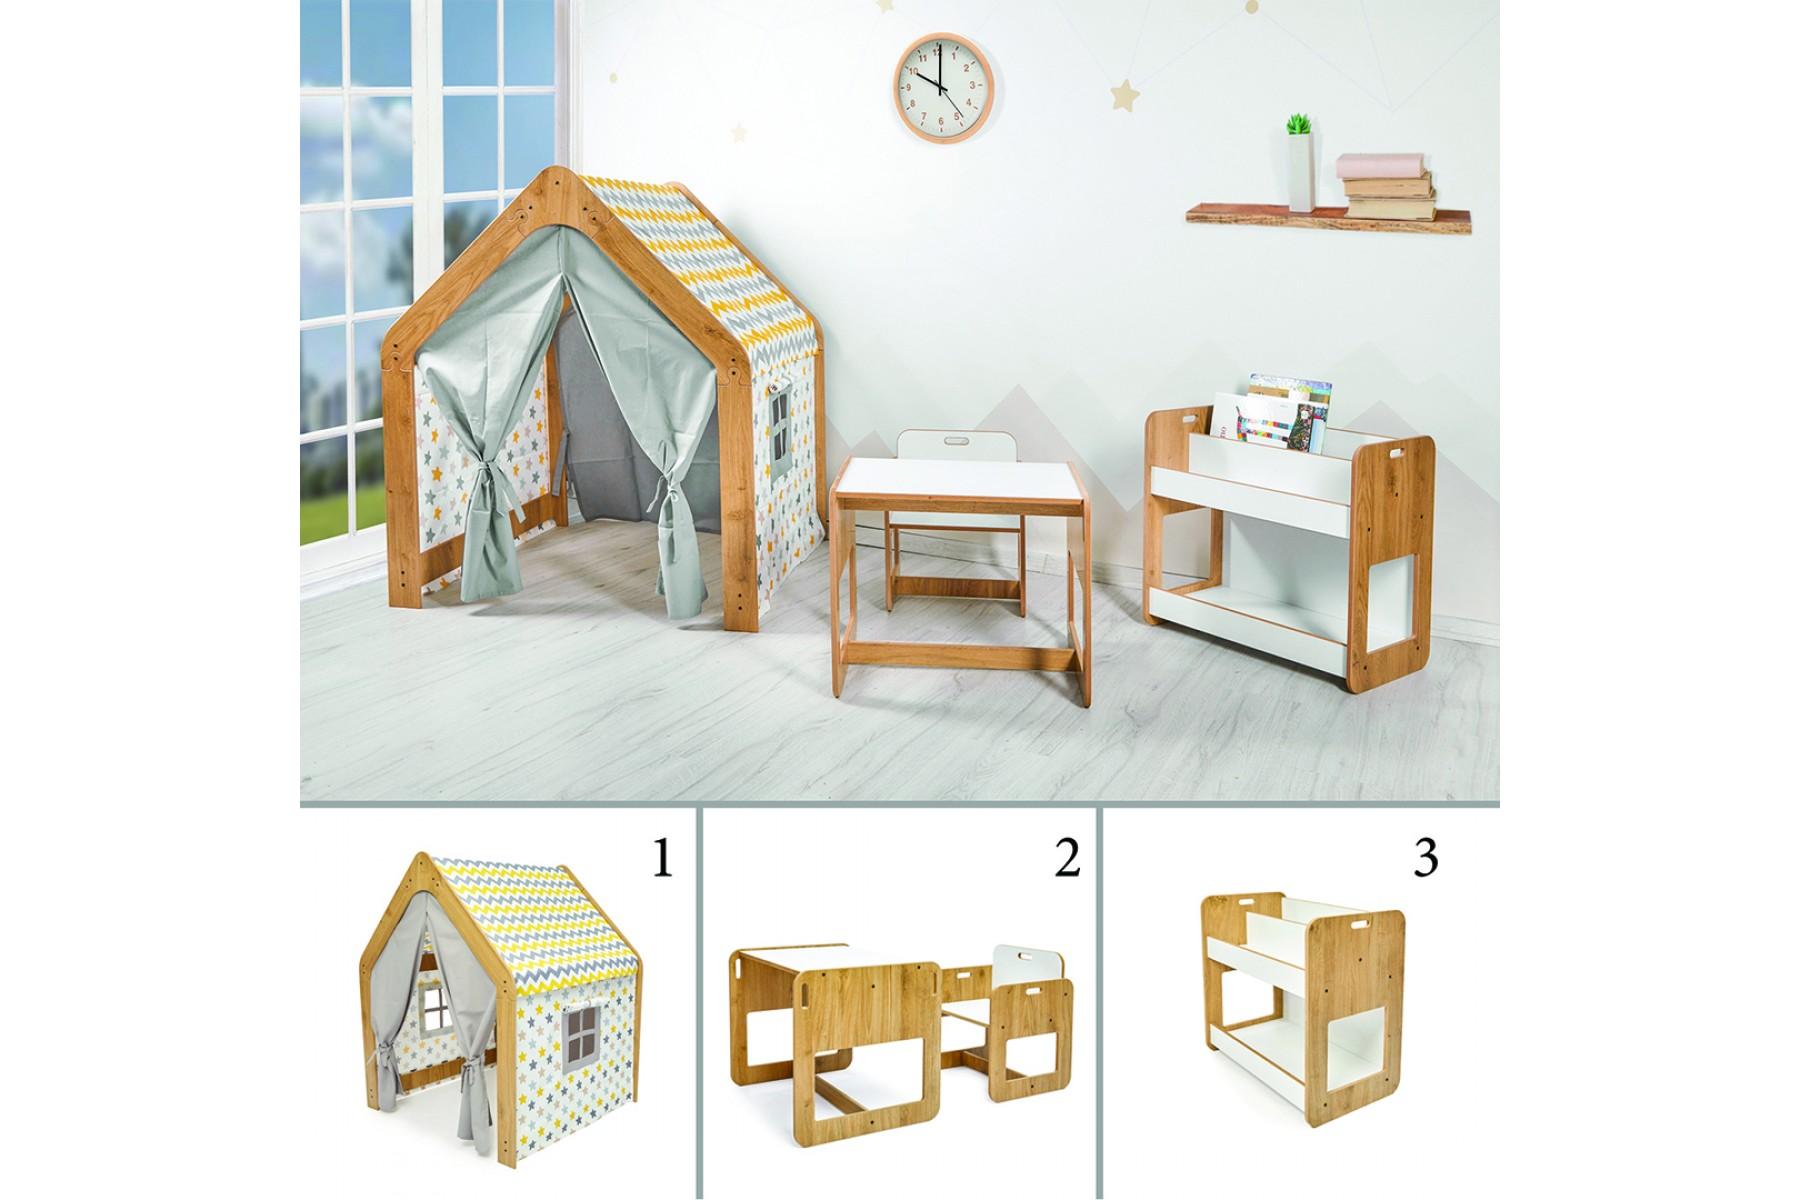 Çocuk Oyun Evi, Masa Sandalye ve Kitaplık Seti